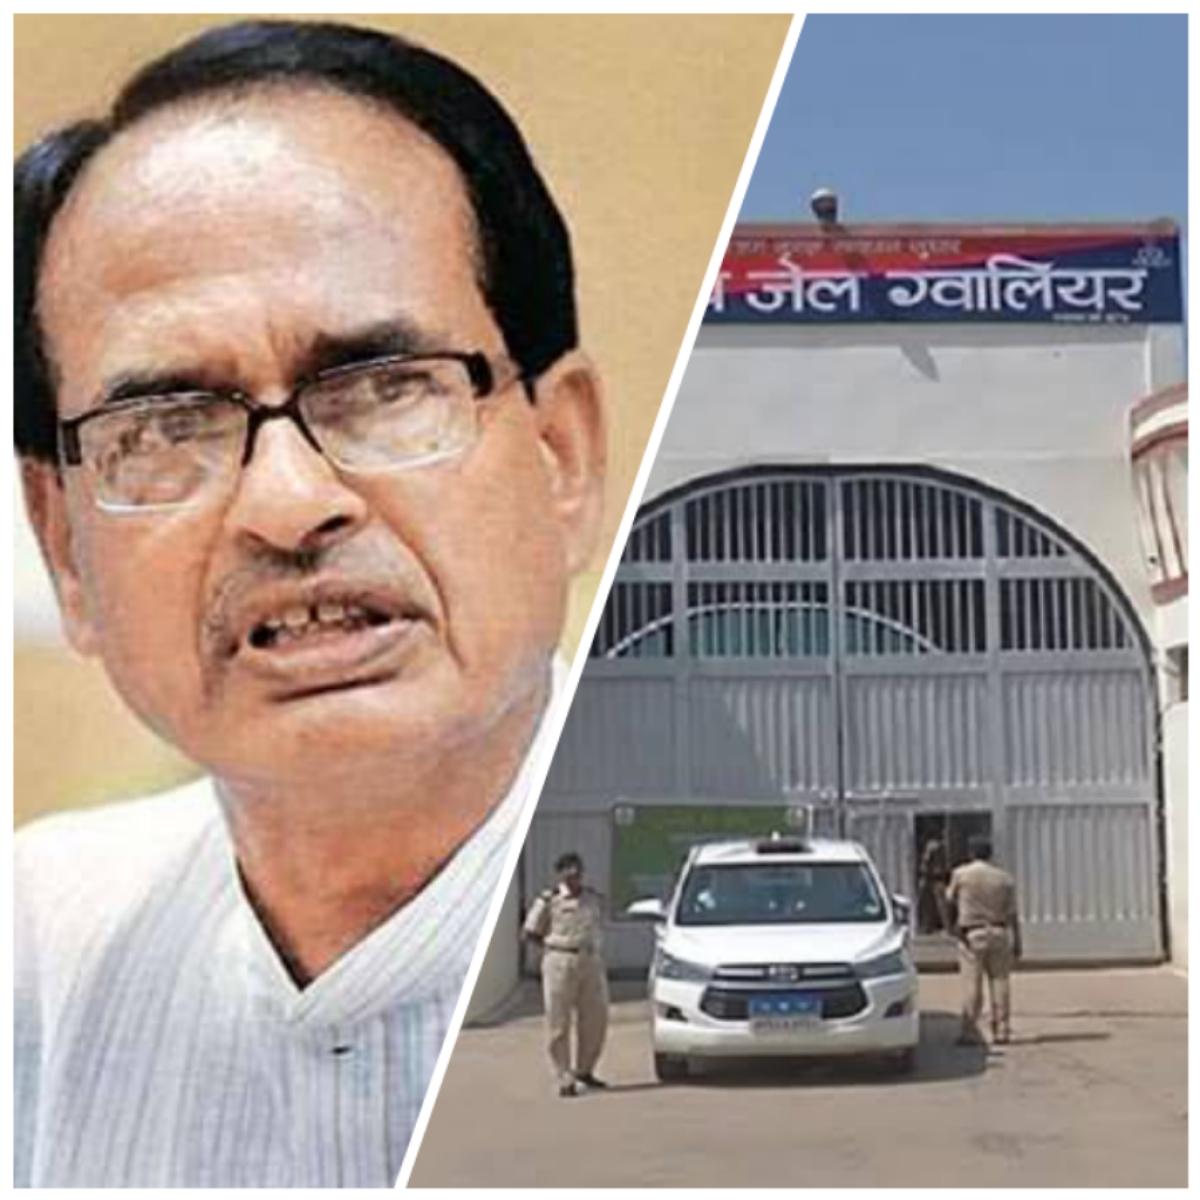 शिवराज सरकार का ऐलान, इमरजेंसी पैरोल पर रिहा होंगे कैदी